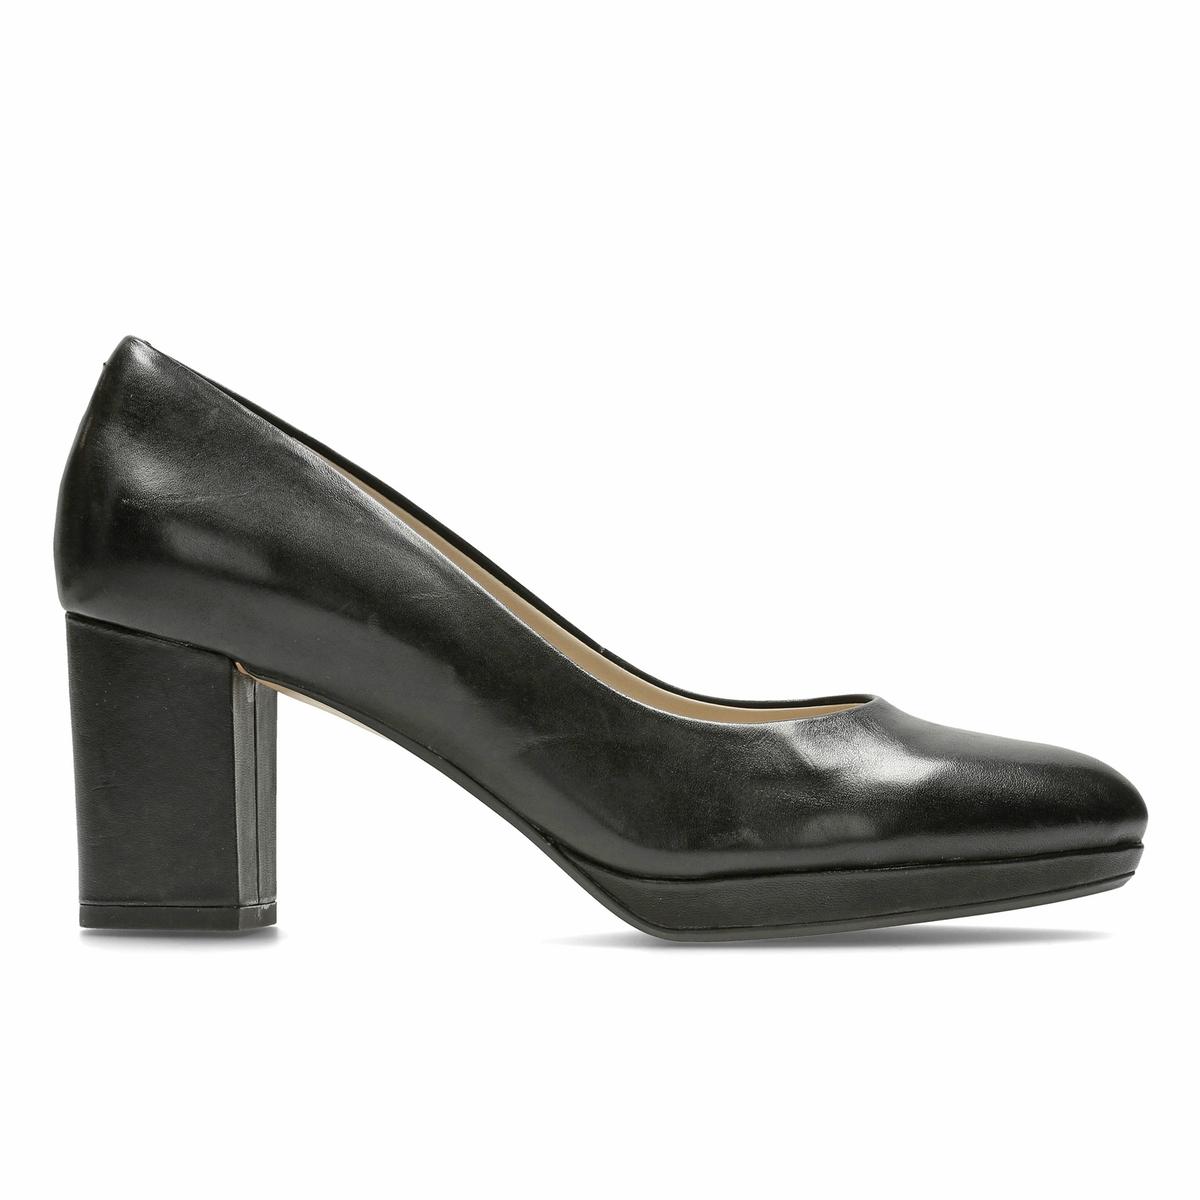 Туфли кожаные Kelda HopeВерх : замша   Подкладка : синтетика   Стелька : Кожа.   Подошва : Каучук   Высота каблука : 7 см   Форма каблука : квадратный.   Мысок : закругленный   Застежка : Без застежки<br><br>Цвет: черный<br>Размер: 38